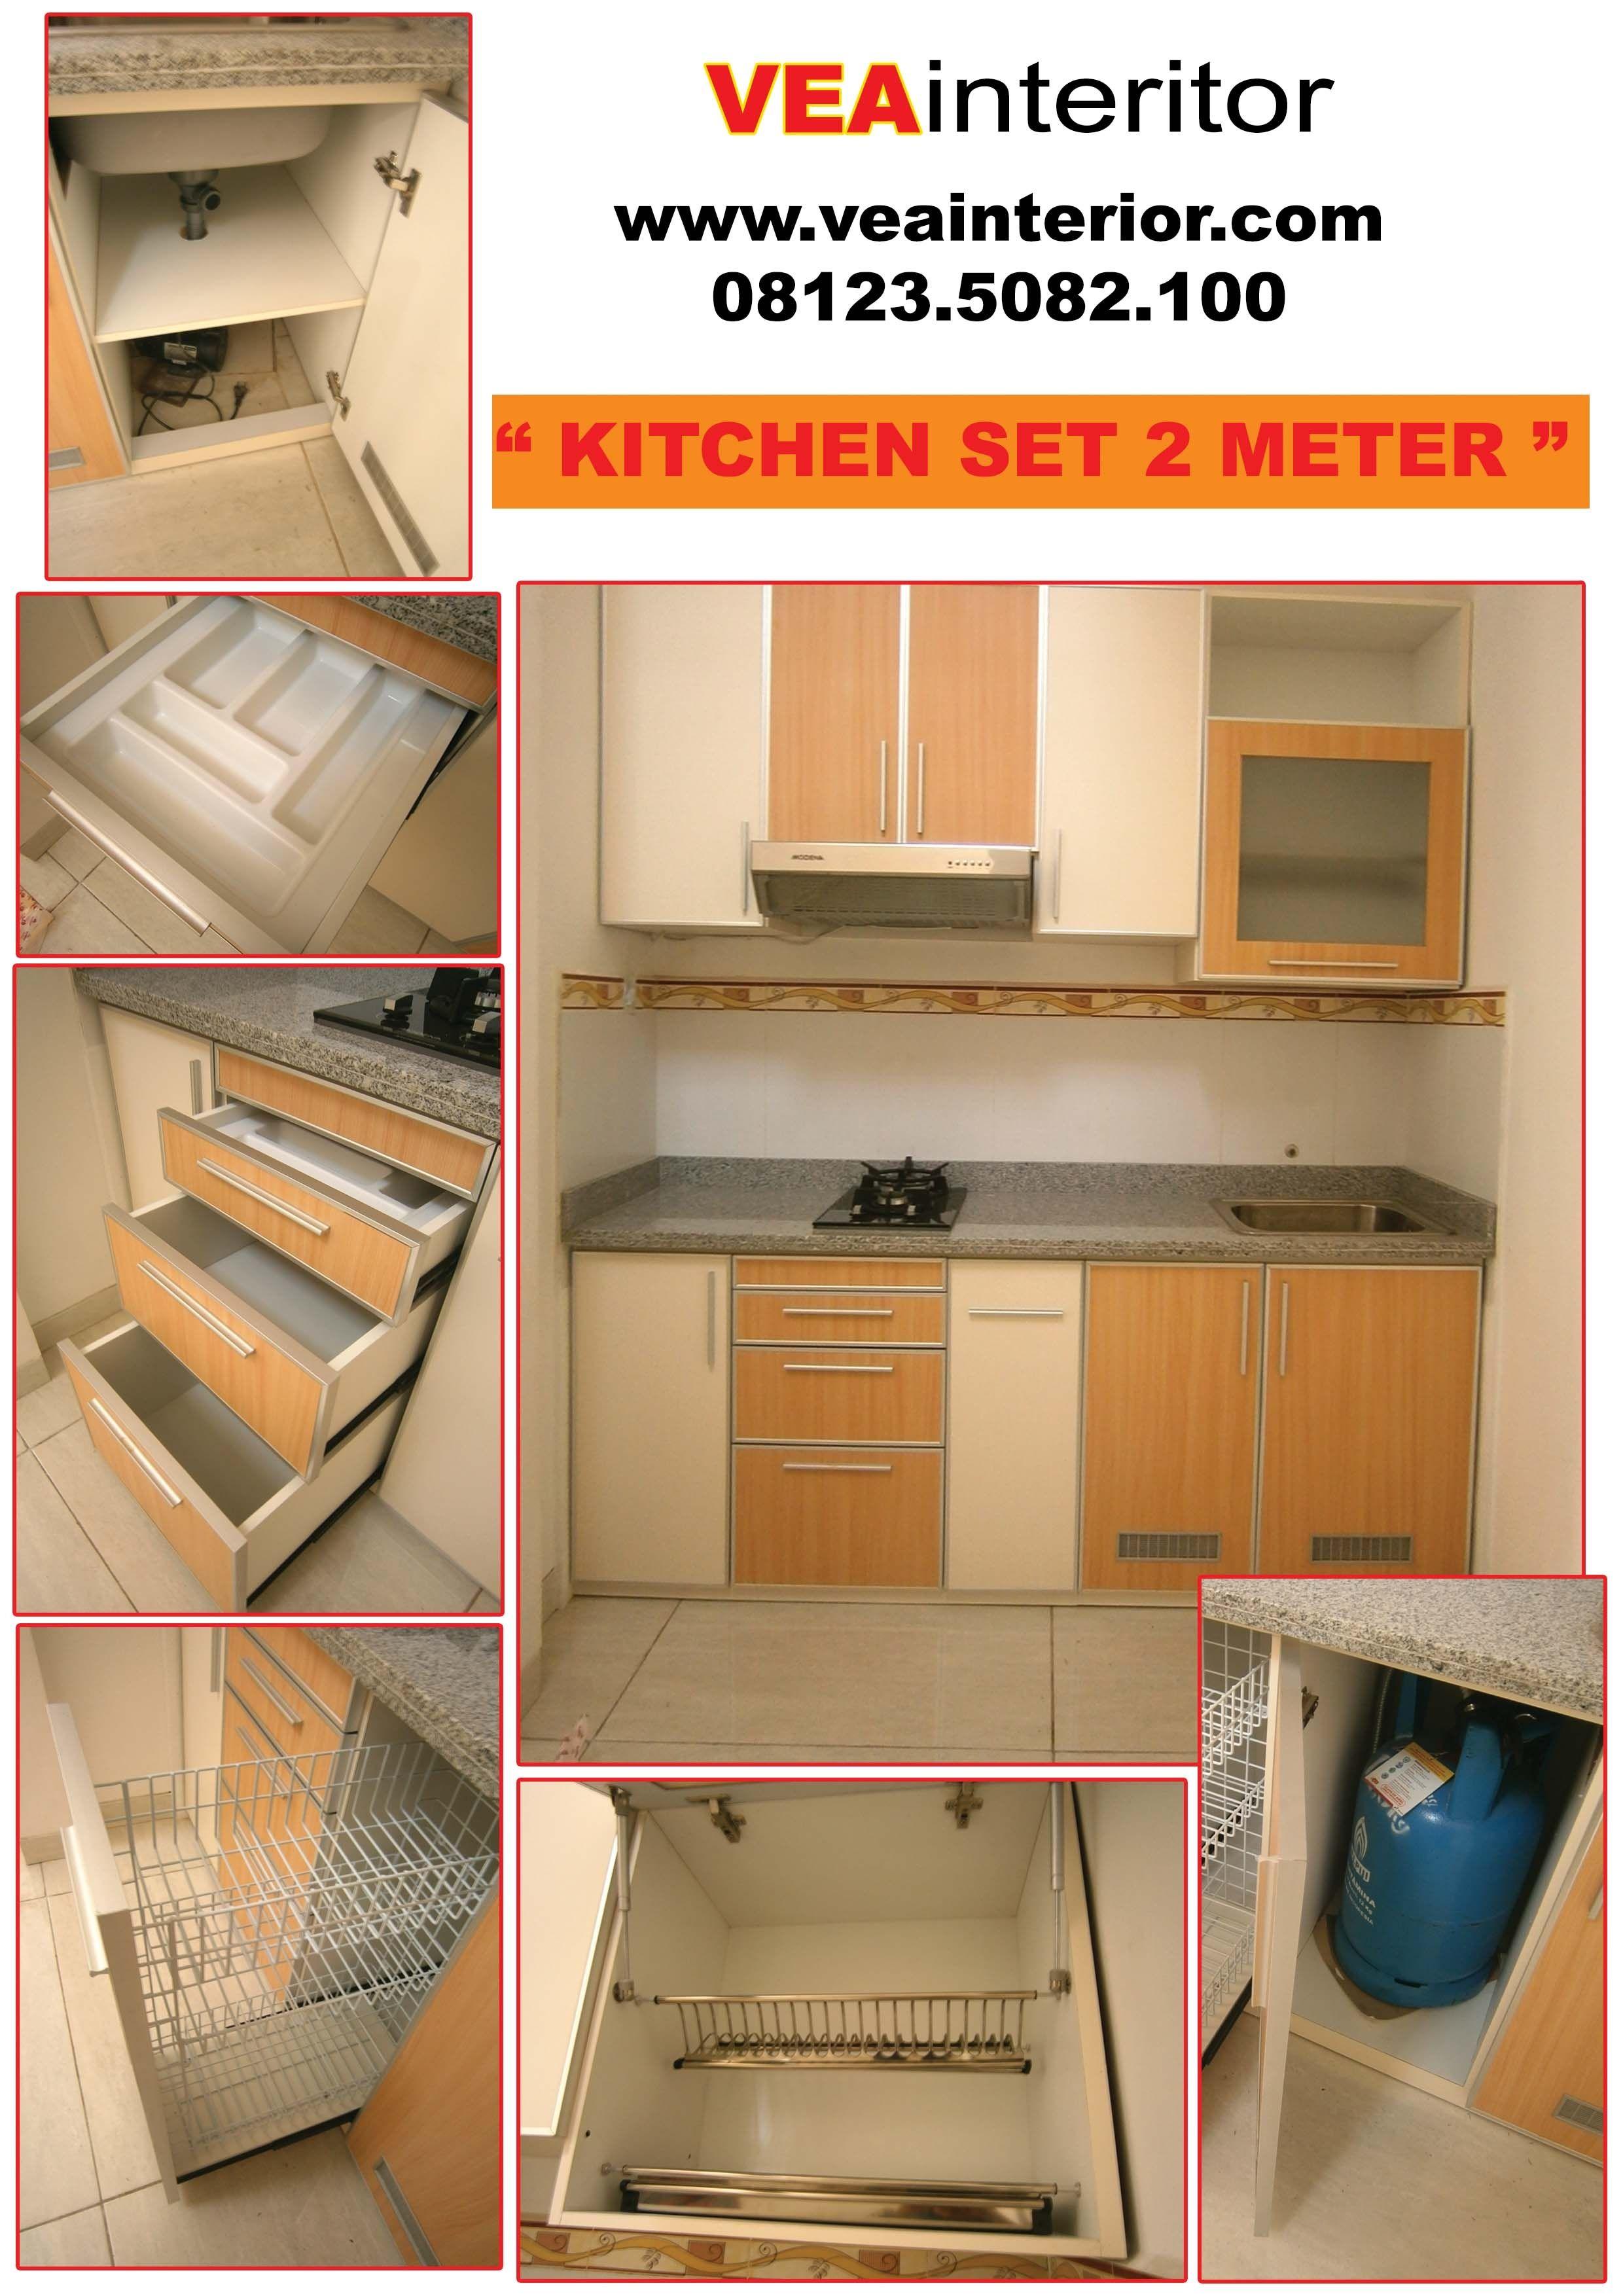 Jasa pembuatan kitchen set di surabaya pak deh furniture elu kebaikan penyusunan seluruh sebagai custom